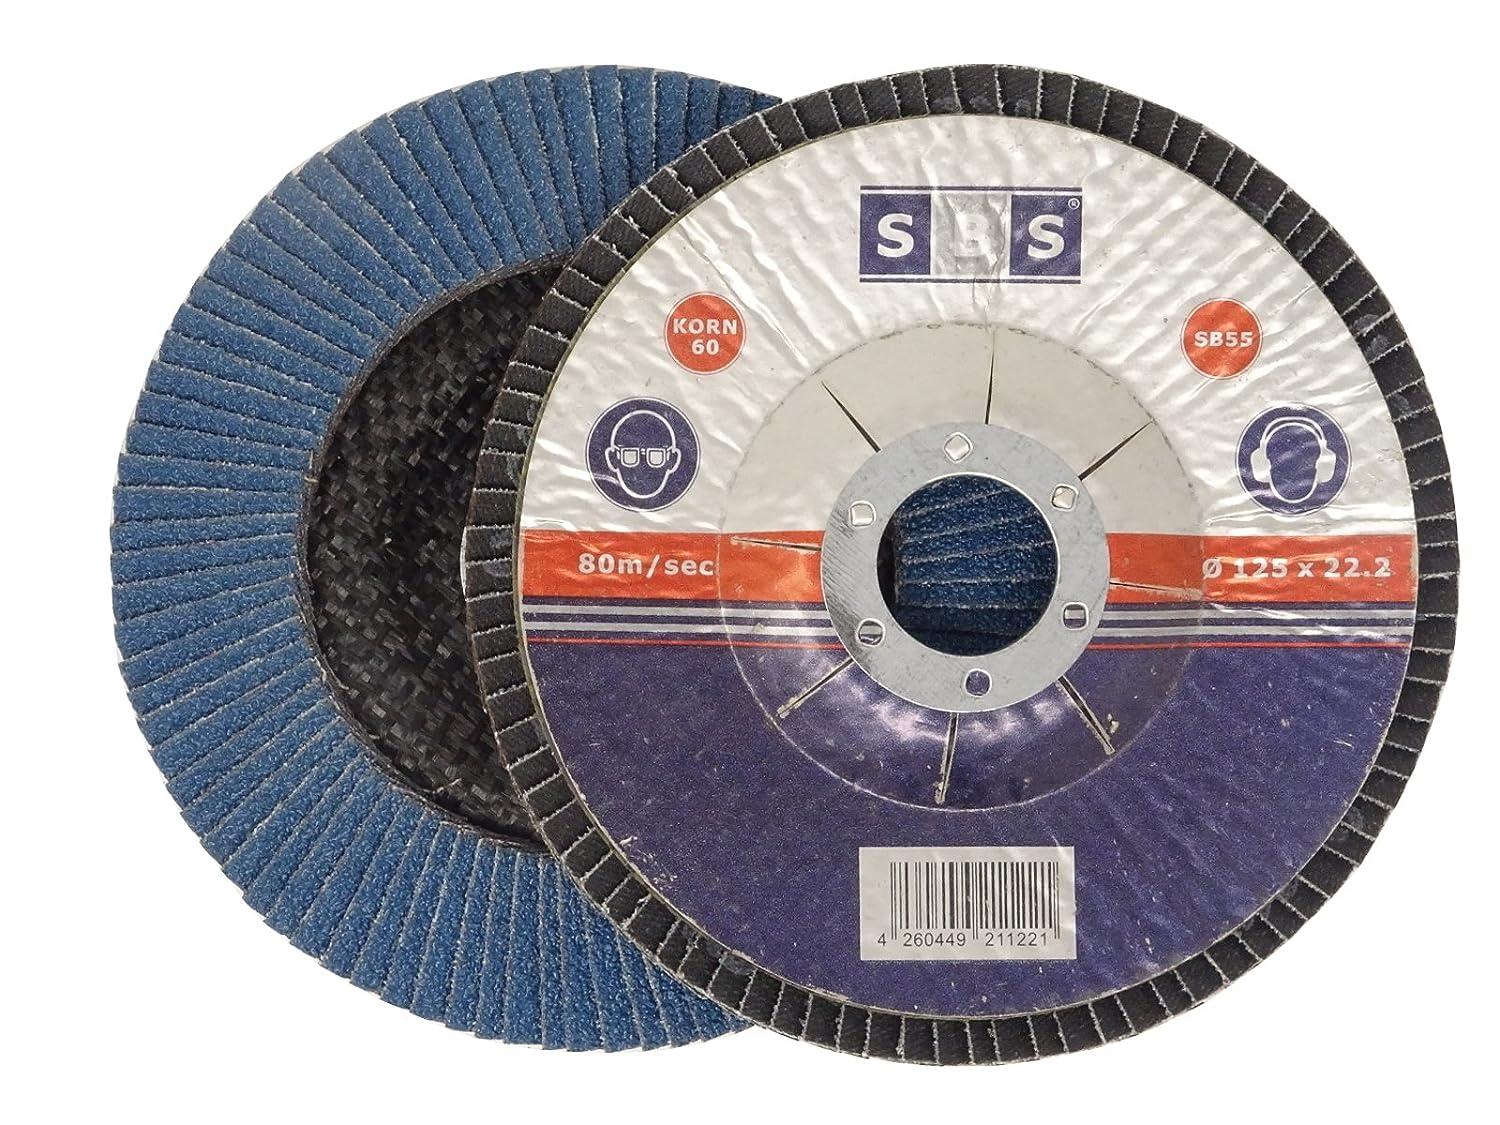 10 discos abrasivos laminados de 125 mm de diá metro, color azul o marró n, discos abrasivos color azul o marrón Schlößer Baustoffe GbR